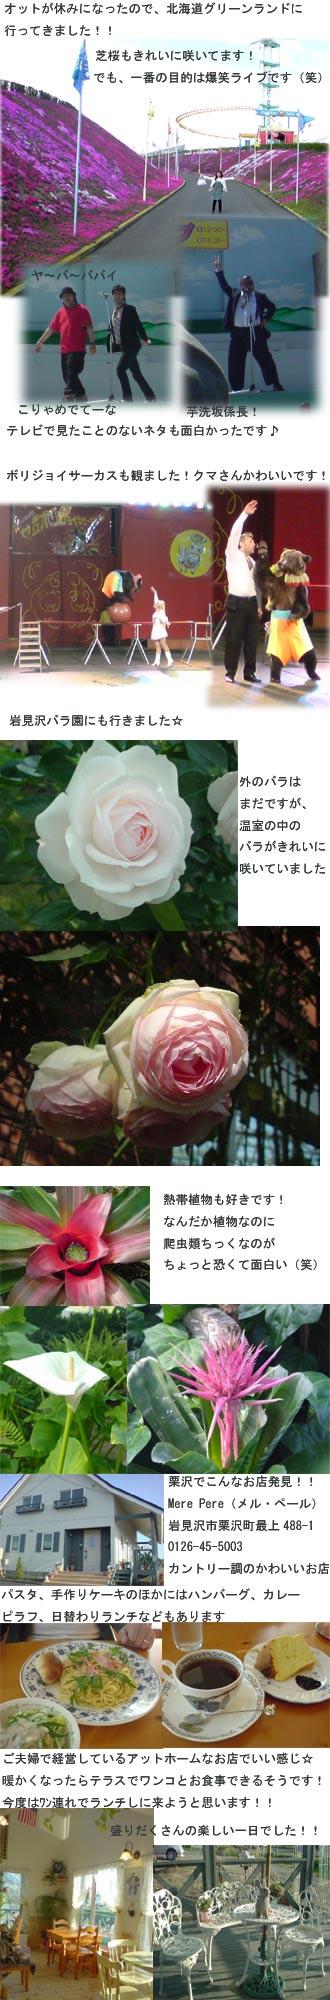 08iwamizawa